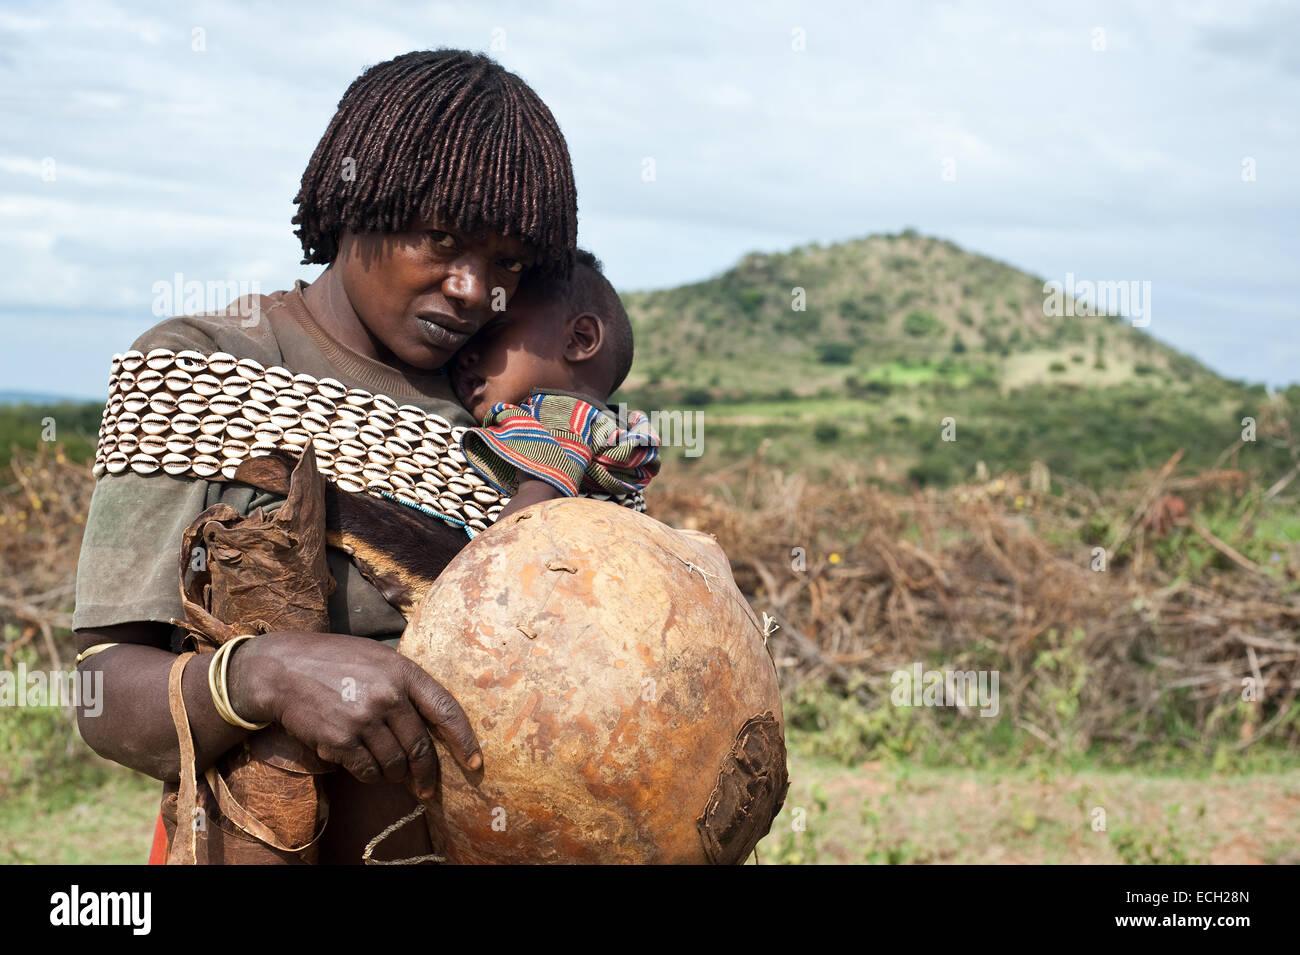 La madre y el niño perteneciente a la tribu Banna (Etiopía) Imagen De Stock